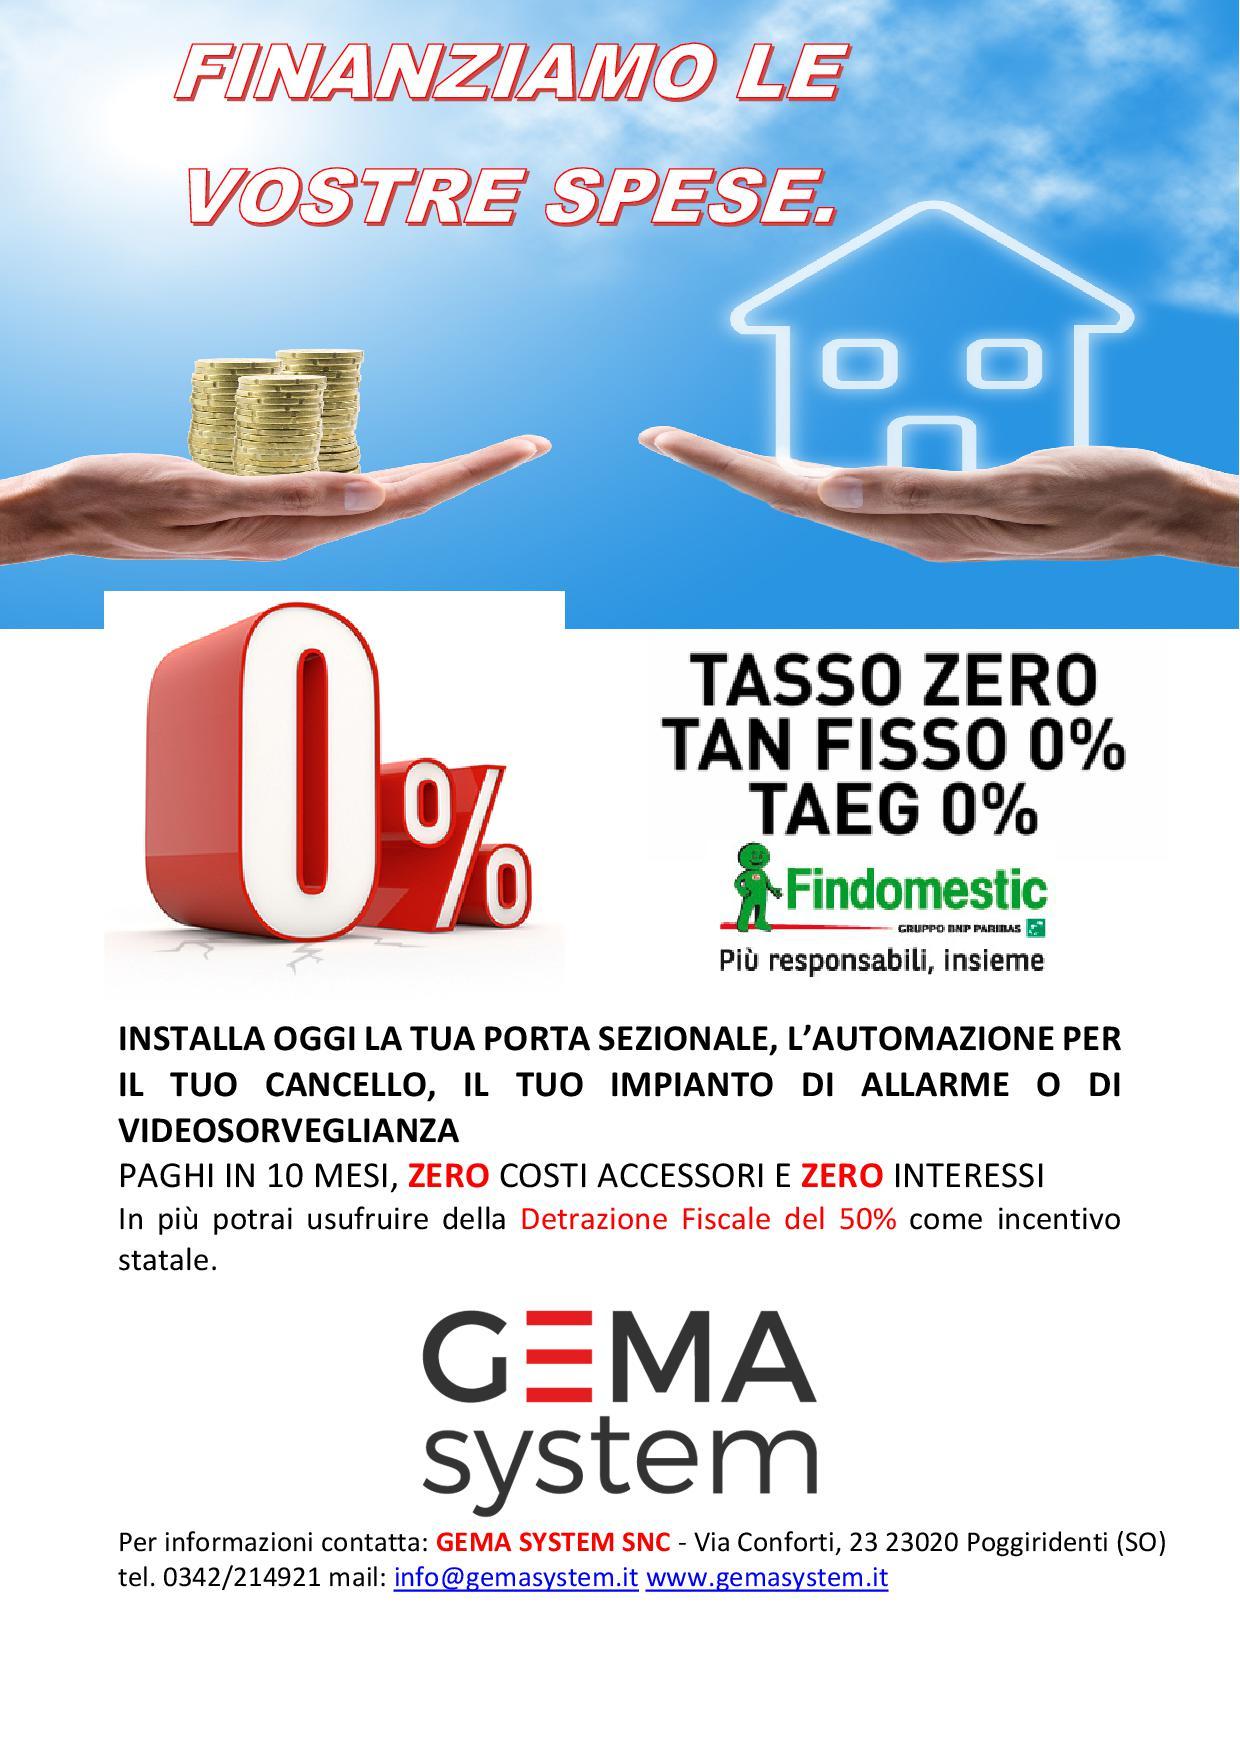 Finanziamenti a tasso zero per i vostri acquisti for Arredamento tasso zero